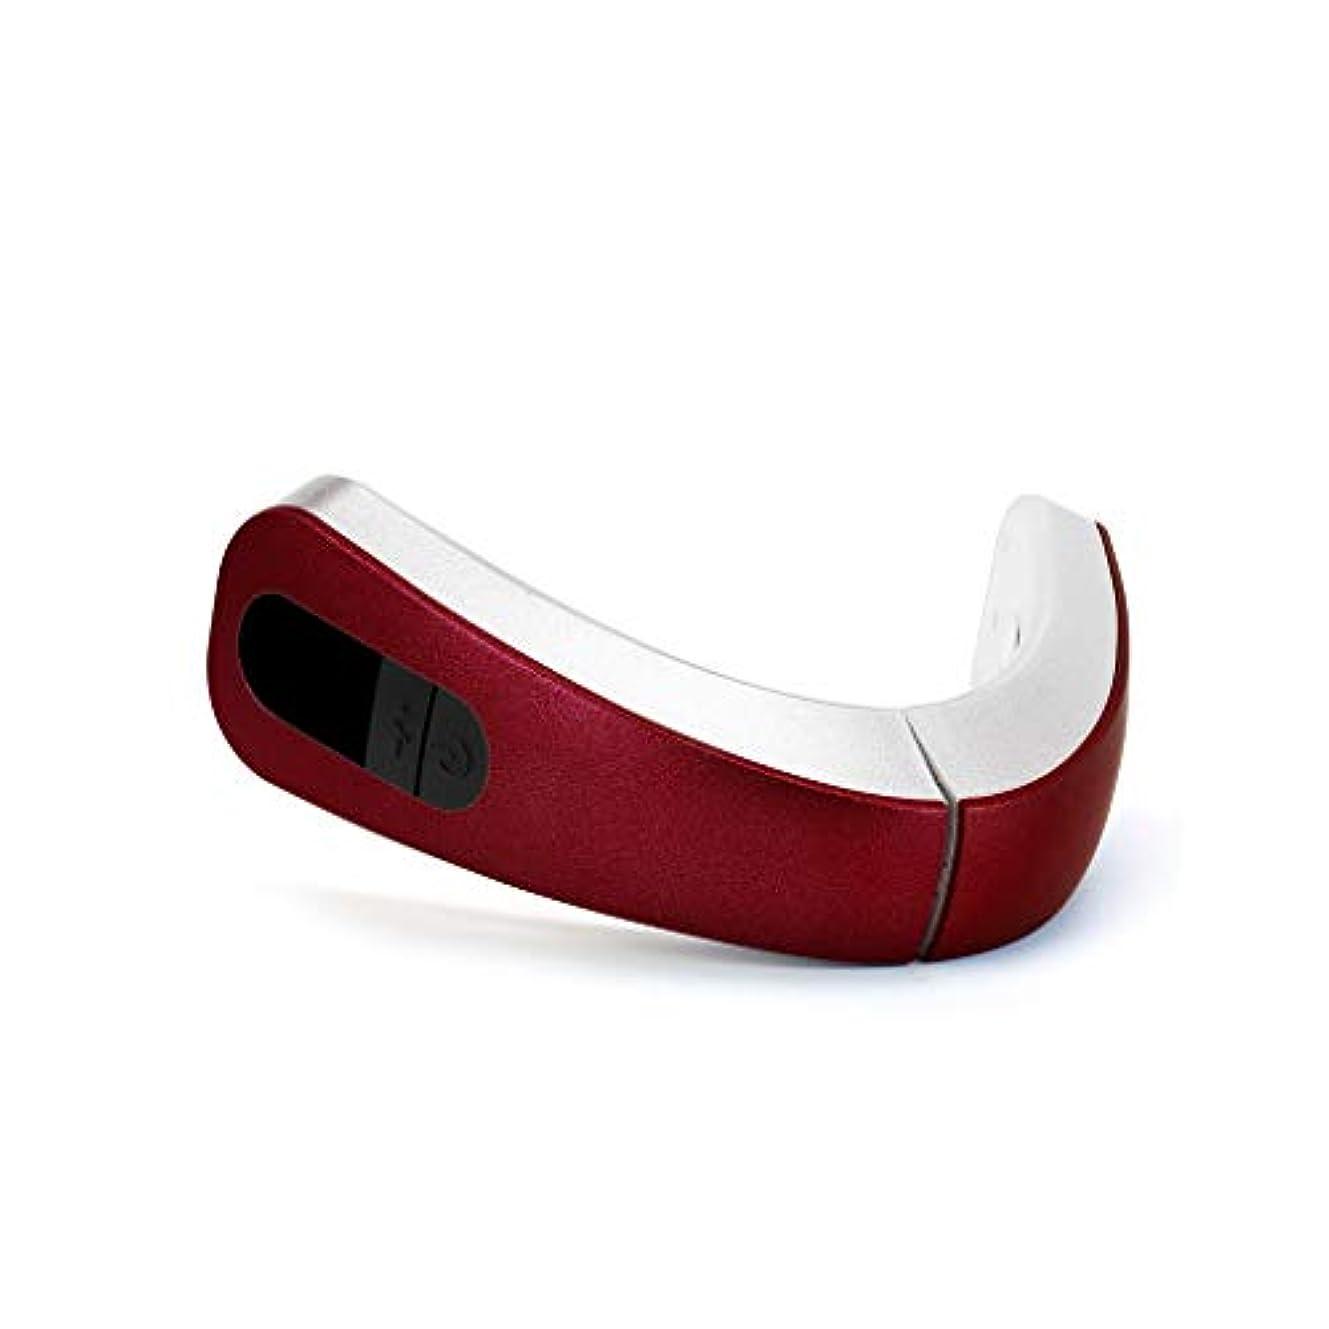 組み合わせる発掘する死の顎リフティングフェイシャル、電気マッサージ美容器具、リフティングファーミングファットディゾルビングシンフェイスシンダブルチンシンフェイス、4つのマッサージモードがあります (Color : Red)